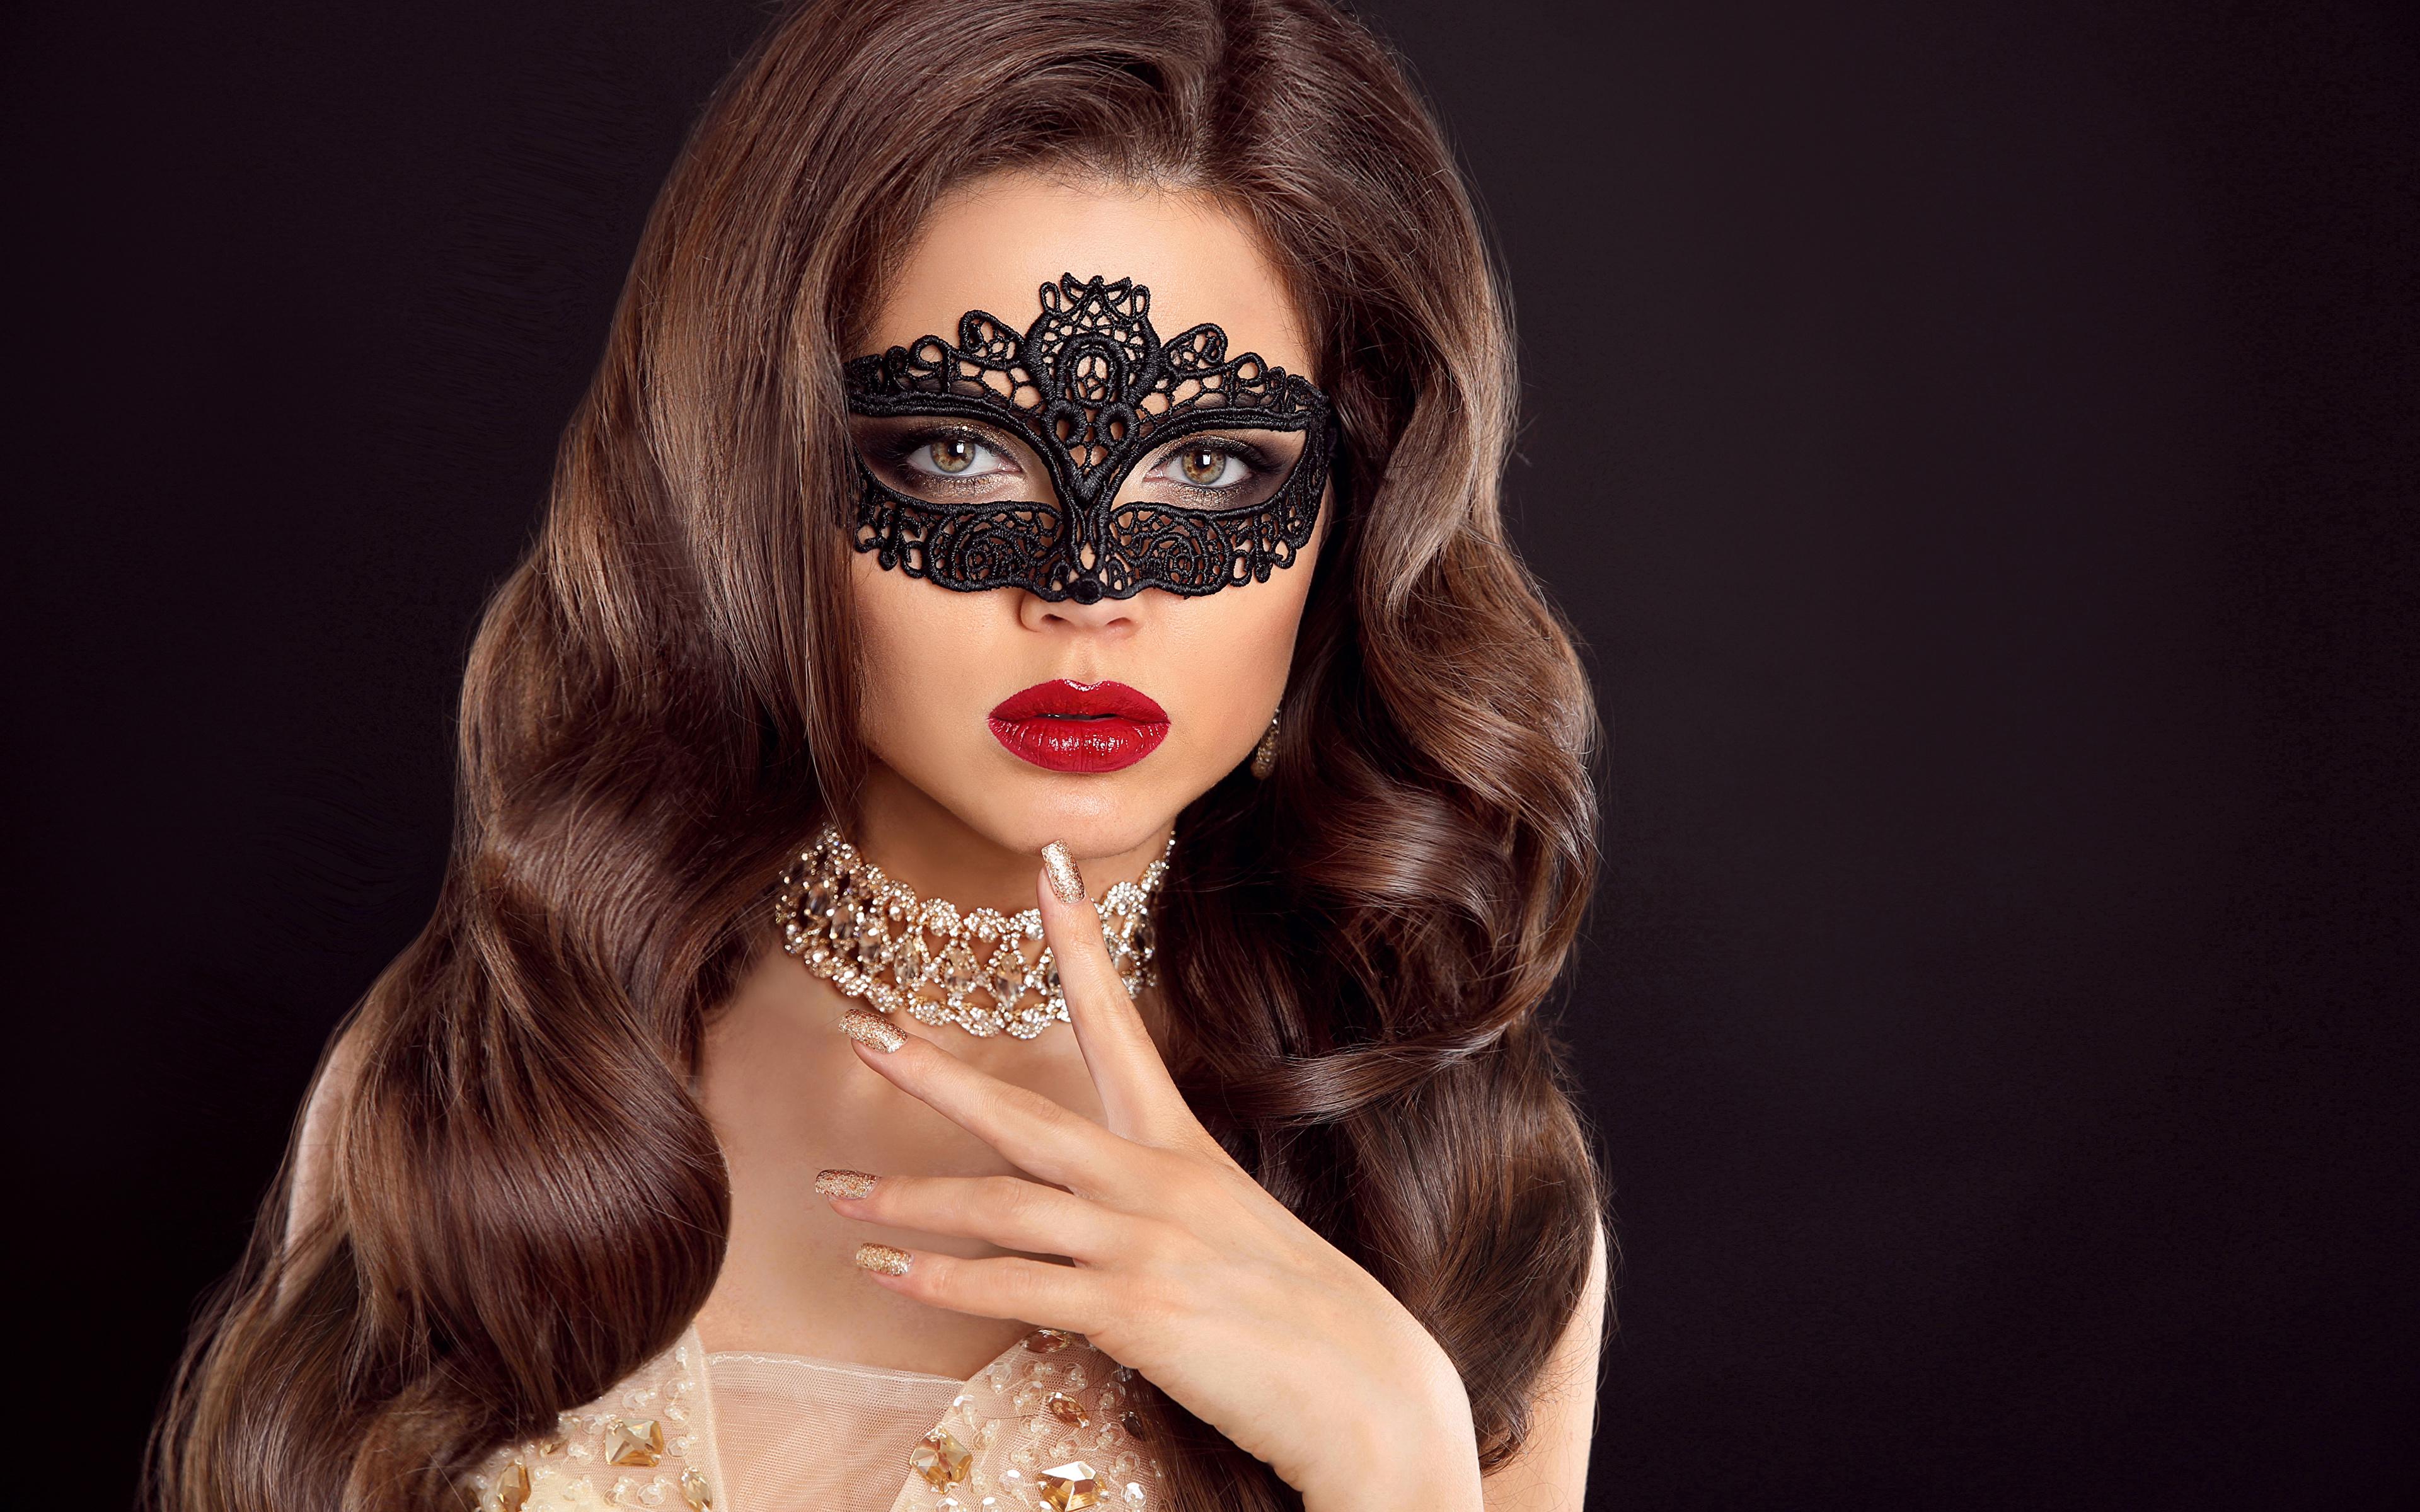 Обои для рабочего стола девушка Черный фон шатенки красными губами Маски Пальцы Волосы ожерельем Украшения 3840x2400 Девушки молодые женщины молодая женщина на черном фоне Шатенка Красные губы волос ожерелья Ожерелье